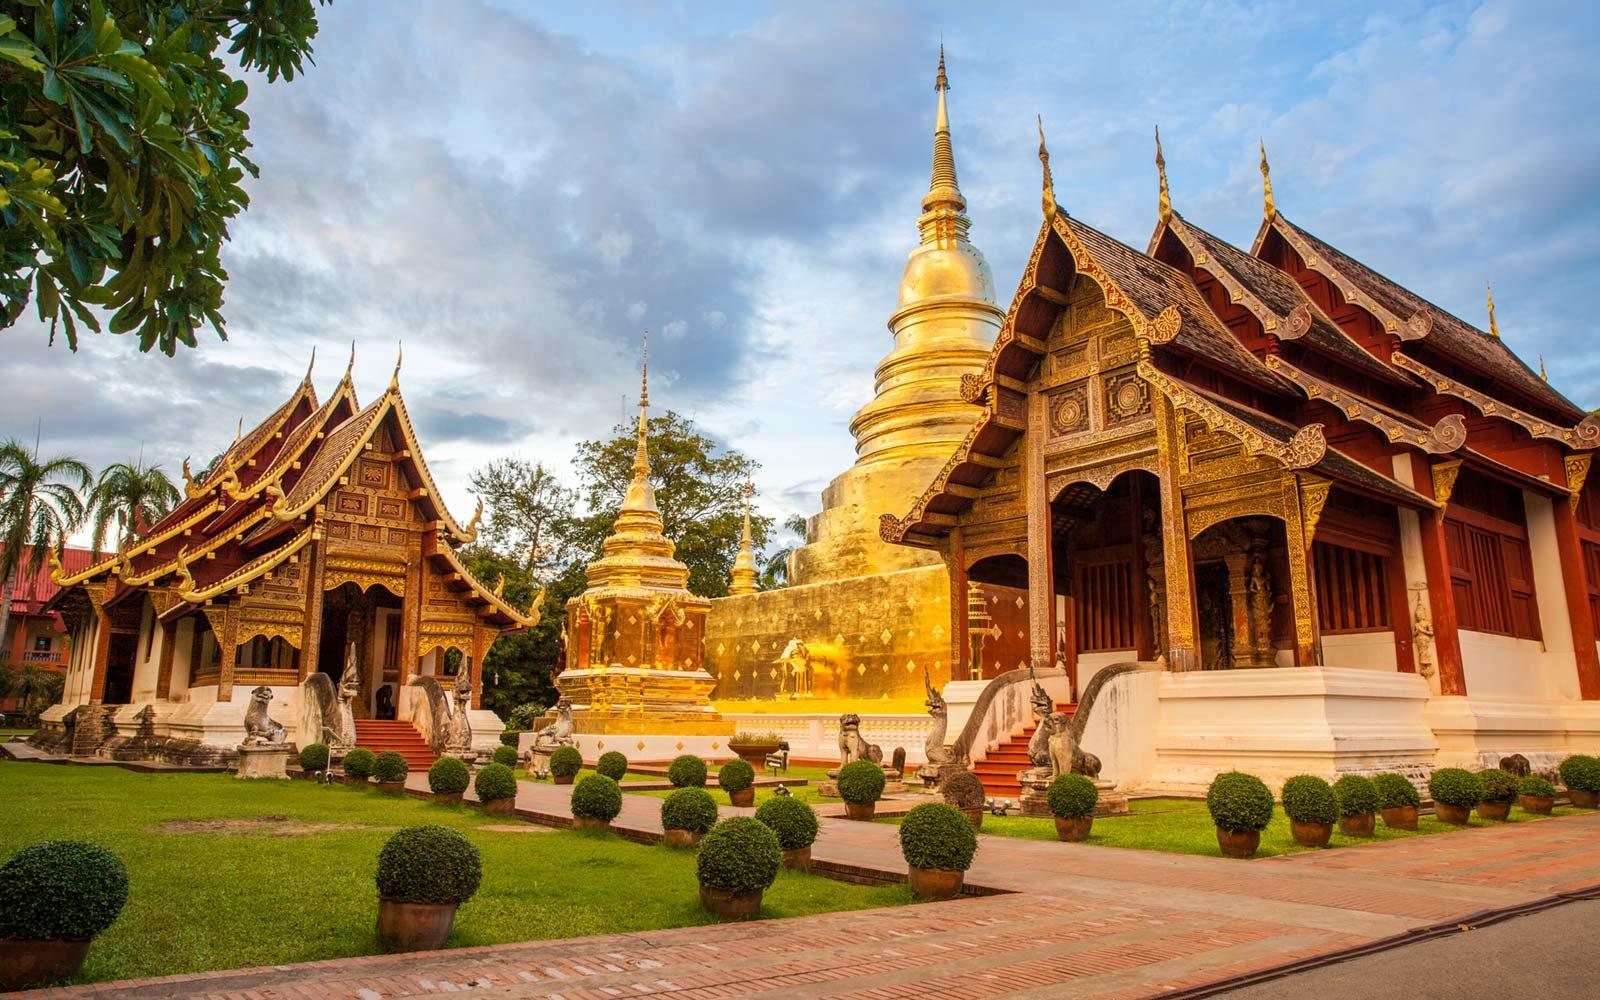 wat phra singh woramahaviharn chiang mai thailand 09 TOPCITIESWB18